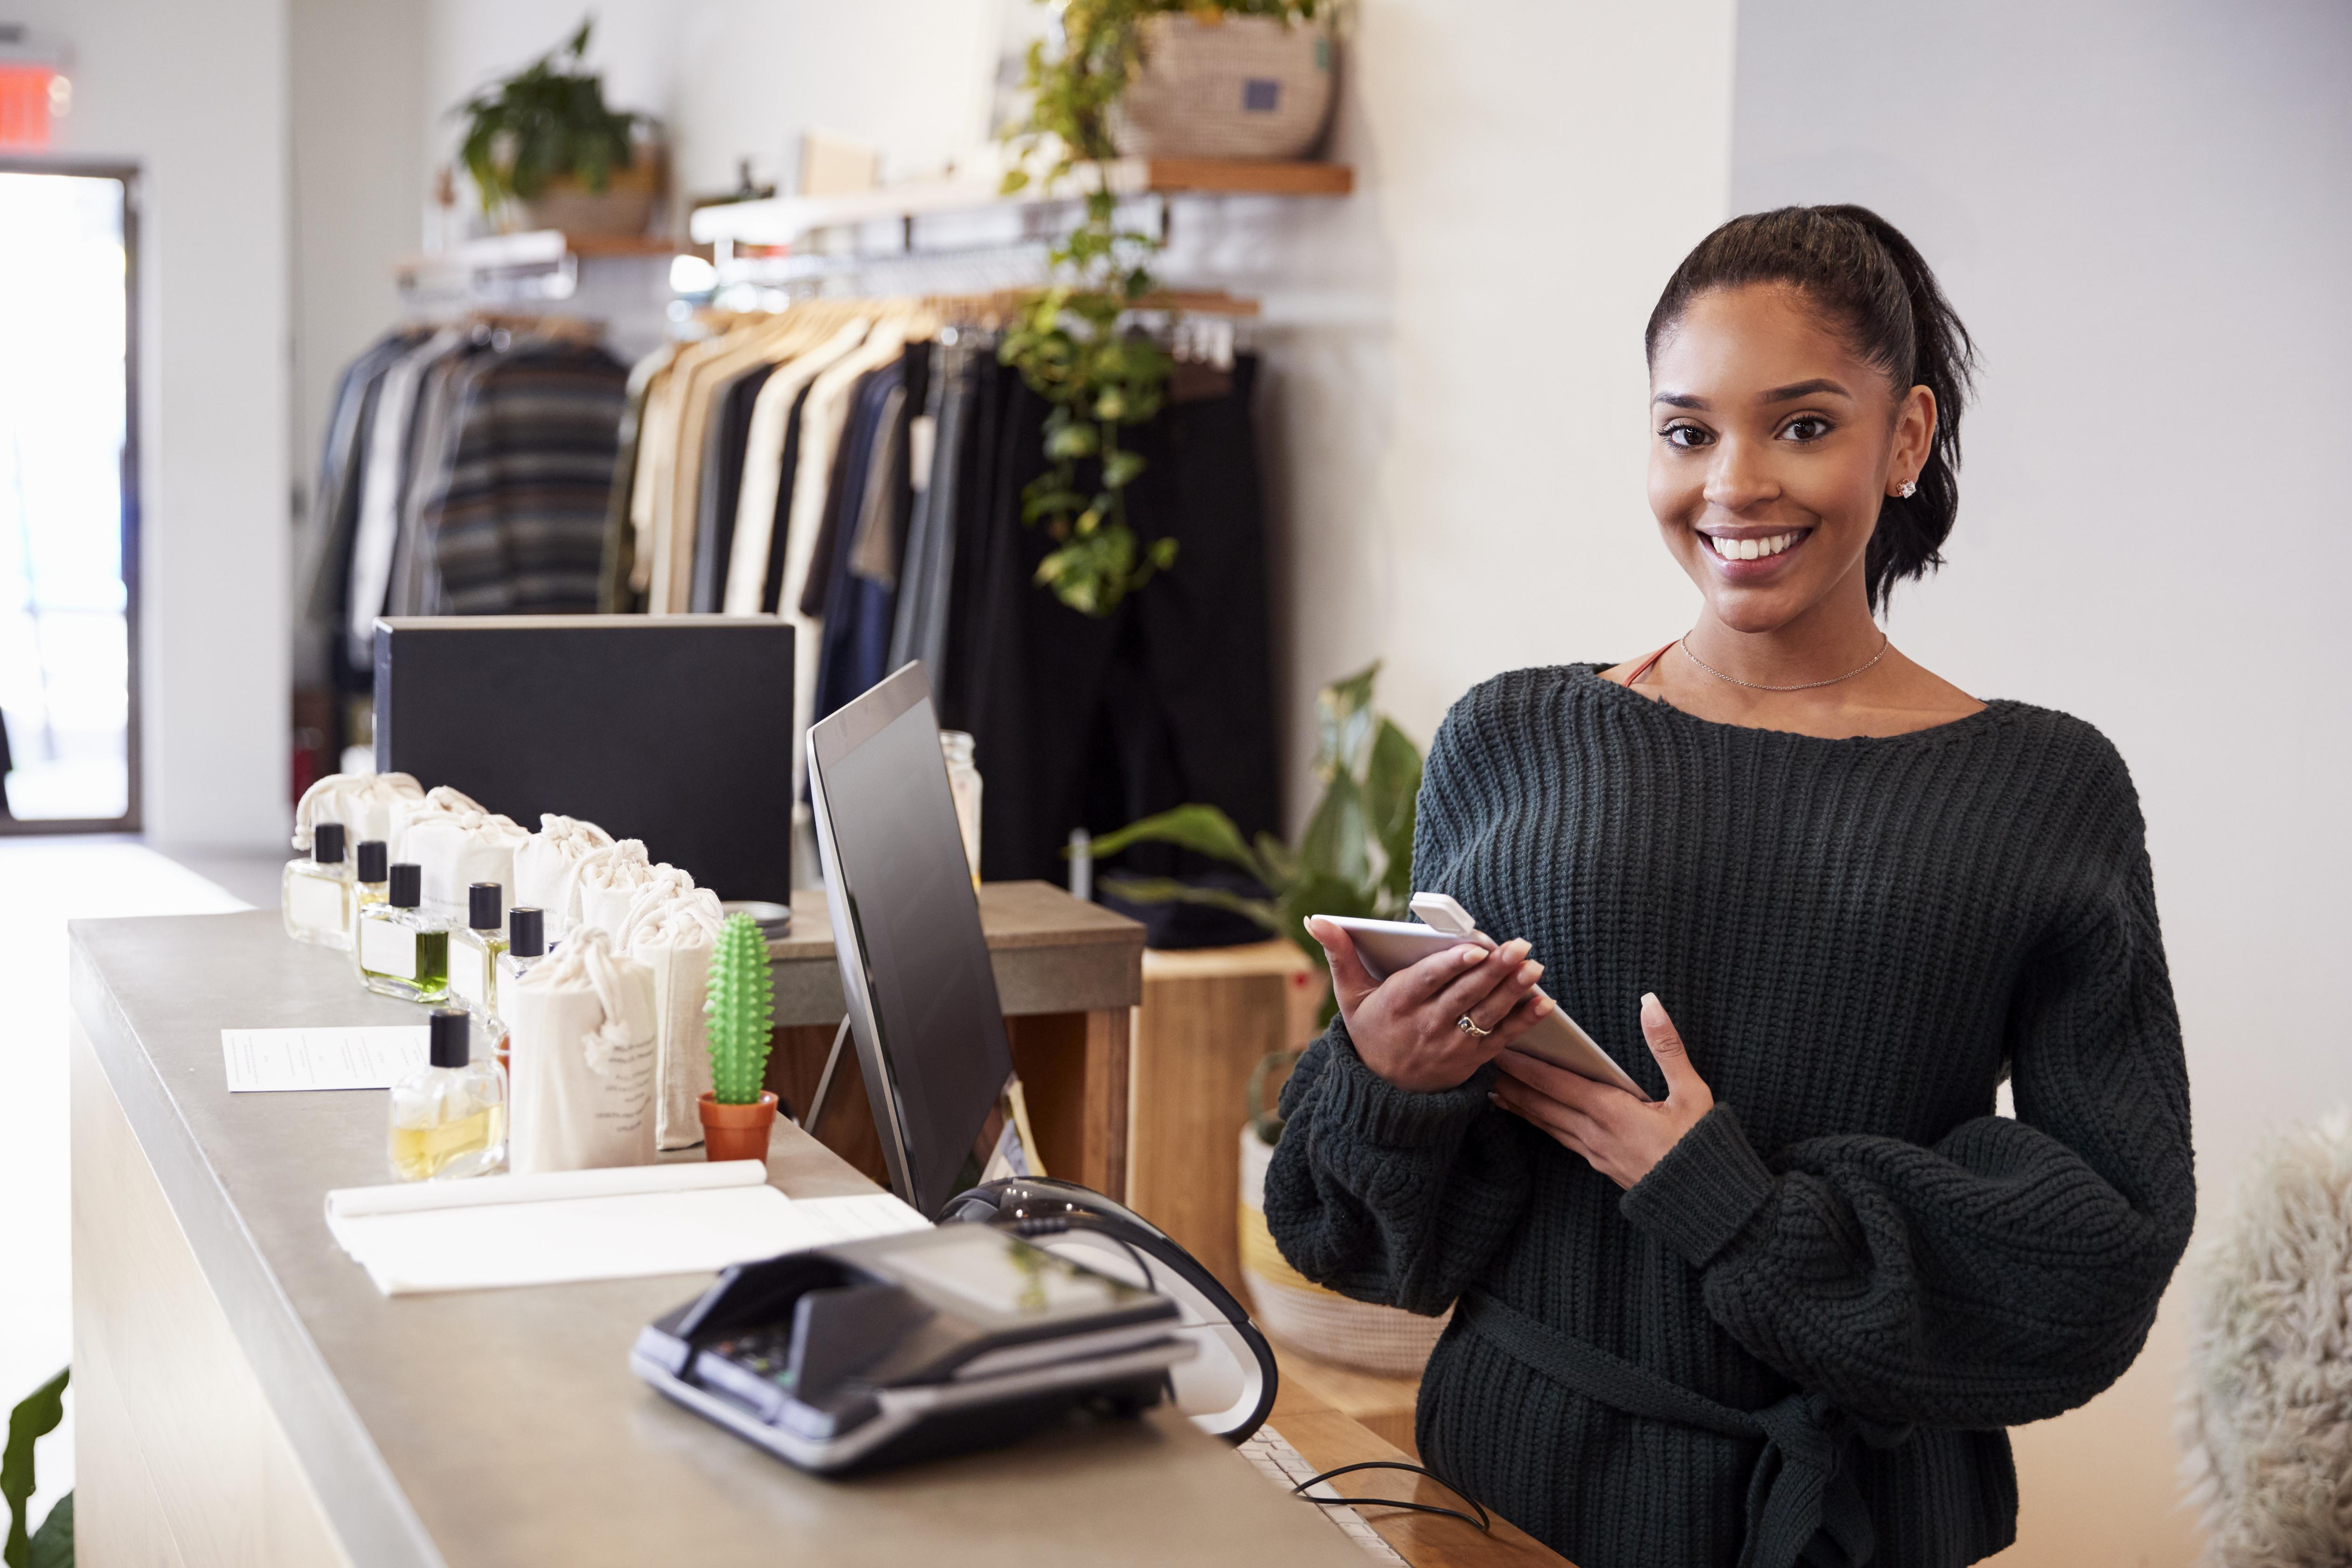 Women's Business Accelerator Program - Spring 2020